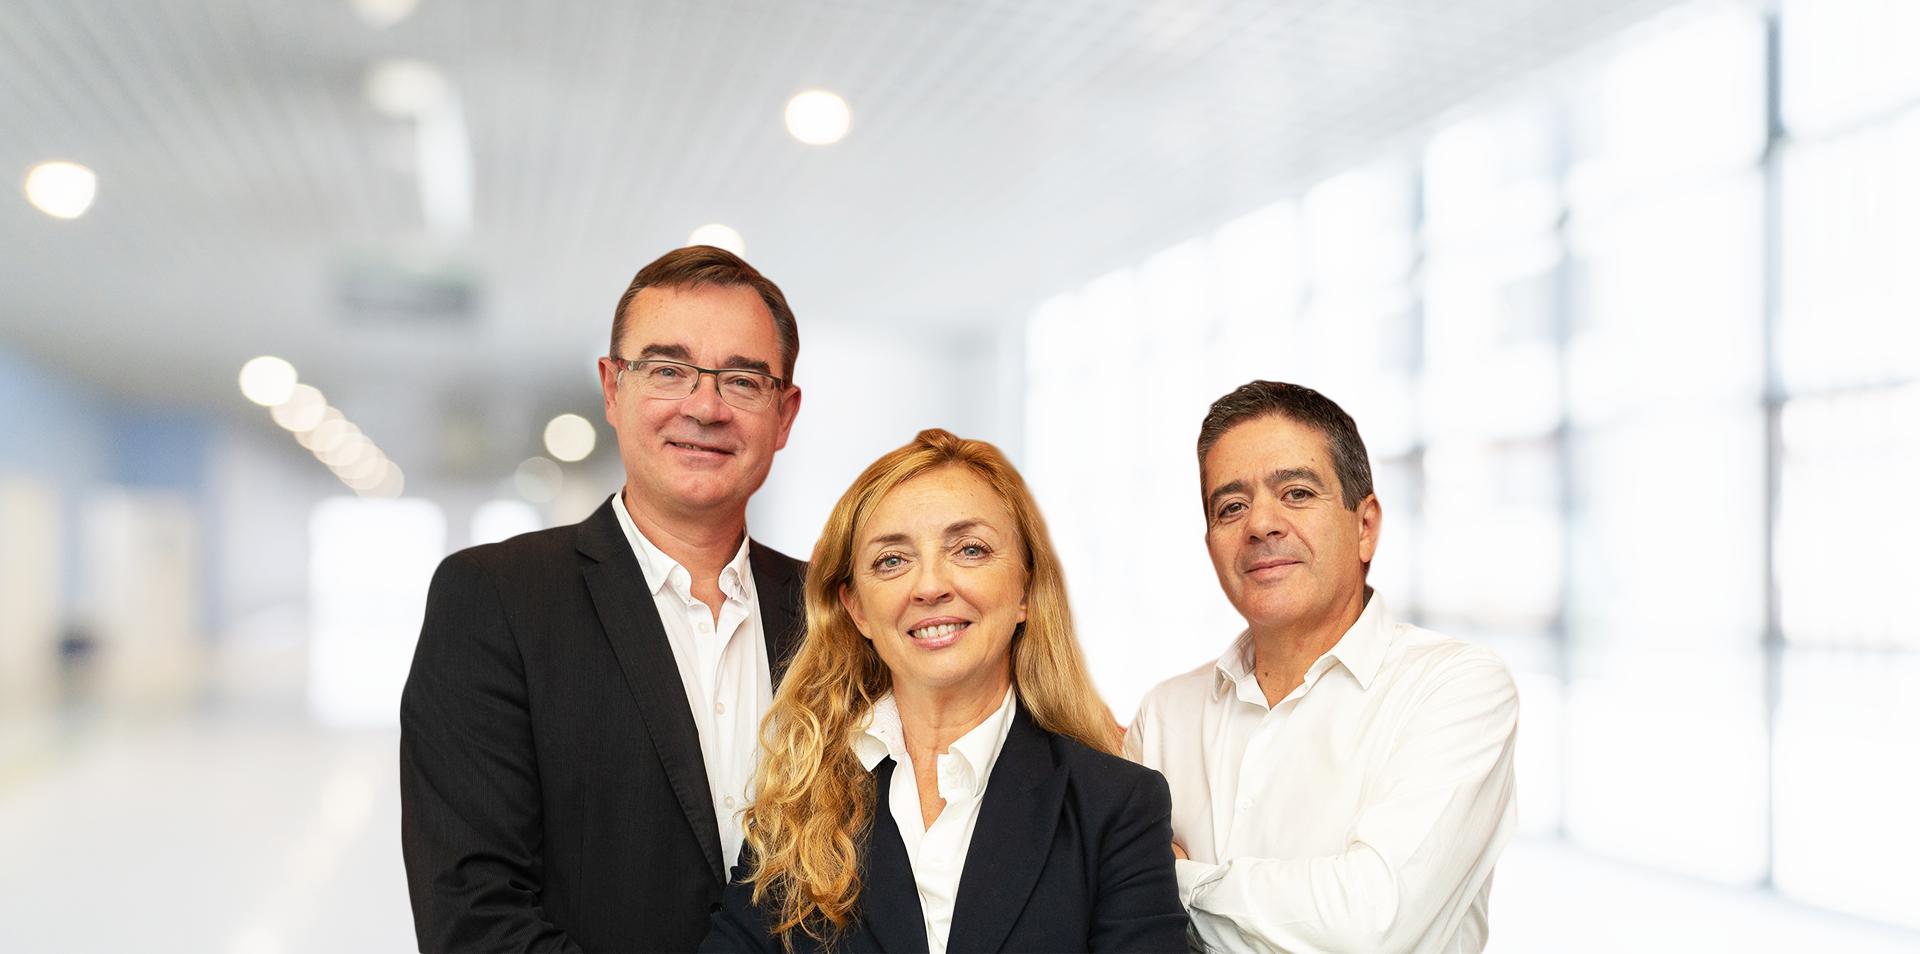 Frédéric Courtine, Anne-Marie de Couvreur et Jean-Louis Simonet sont les heureux parents d'AirZen. © AirZen.